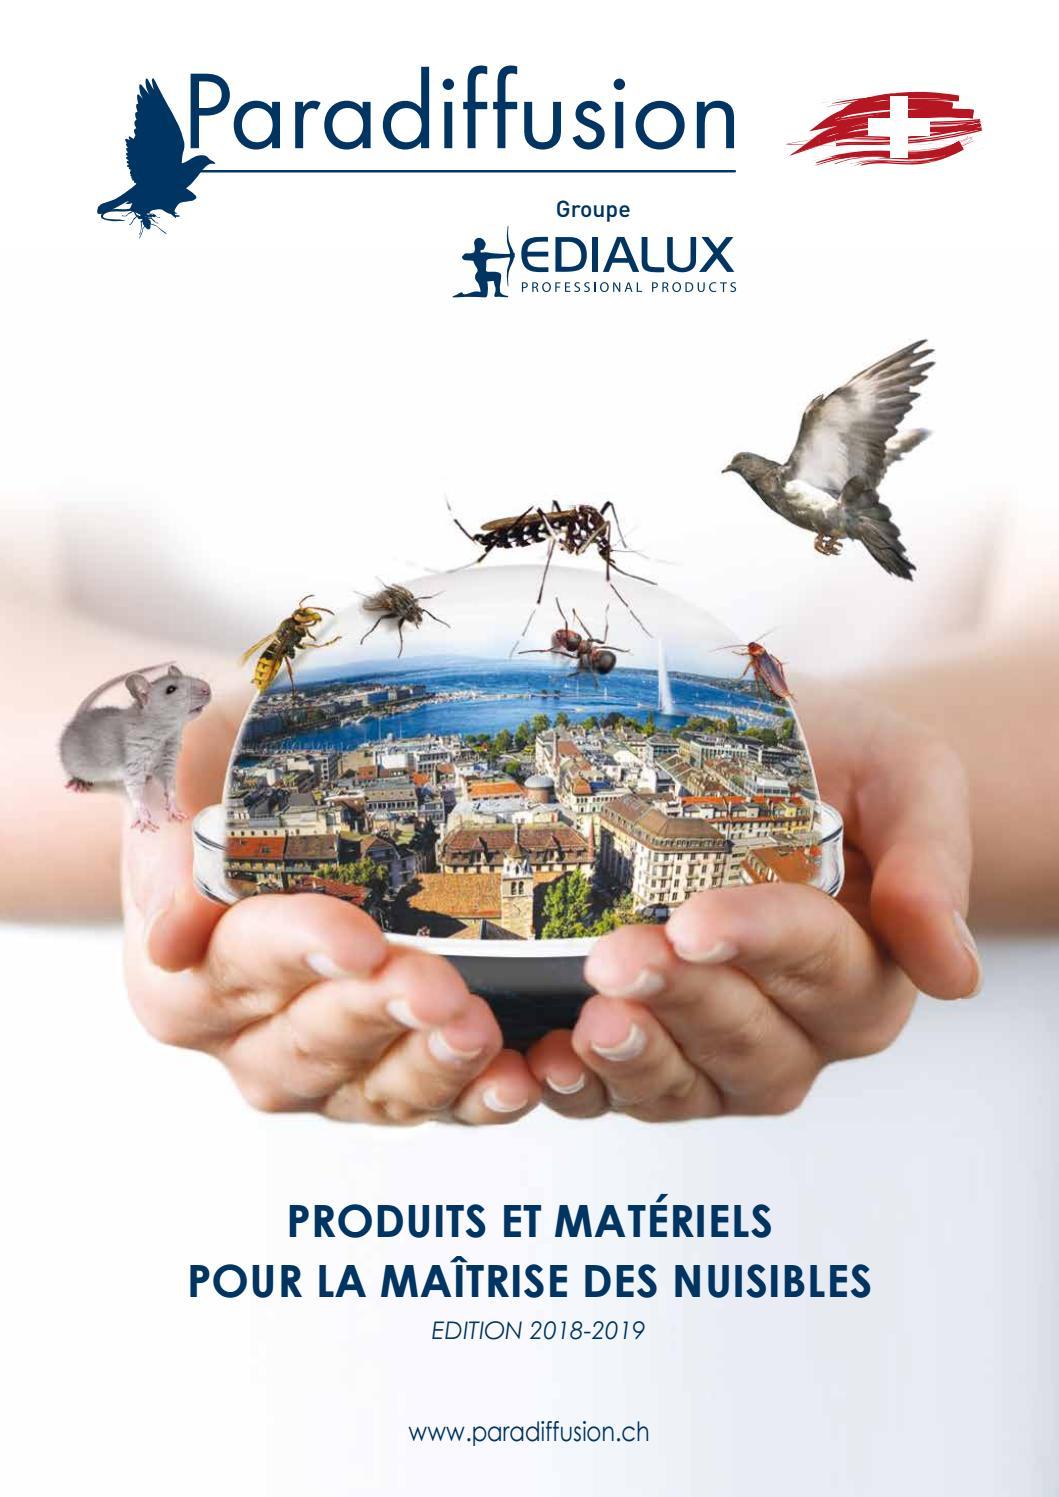 Quel Produit Pour Tuer Les Blattes catalogue paradiffusion 2018edialux - issuu